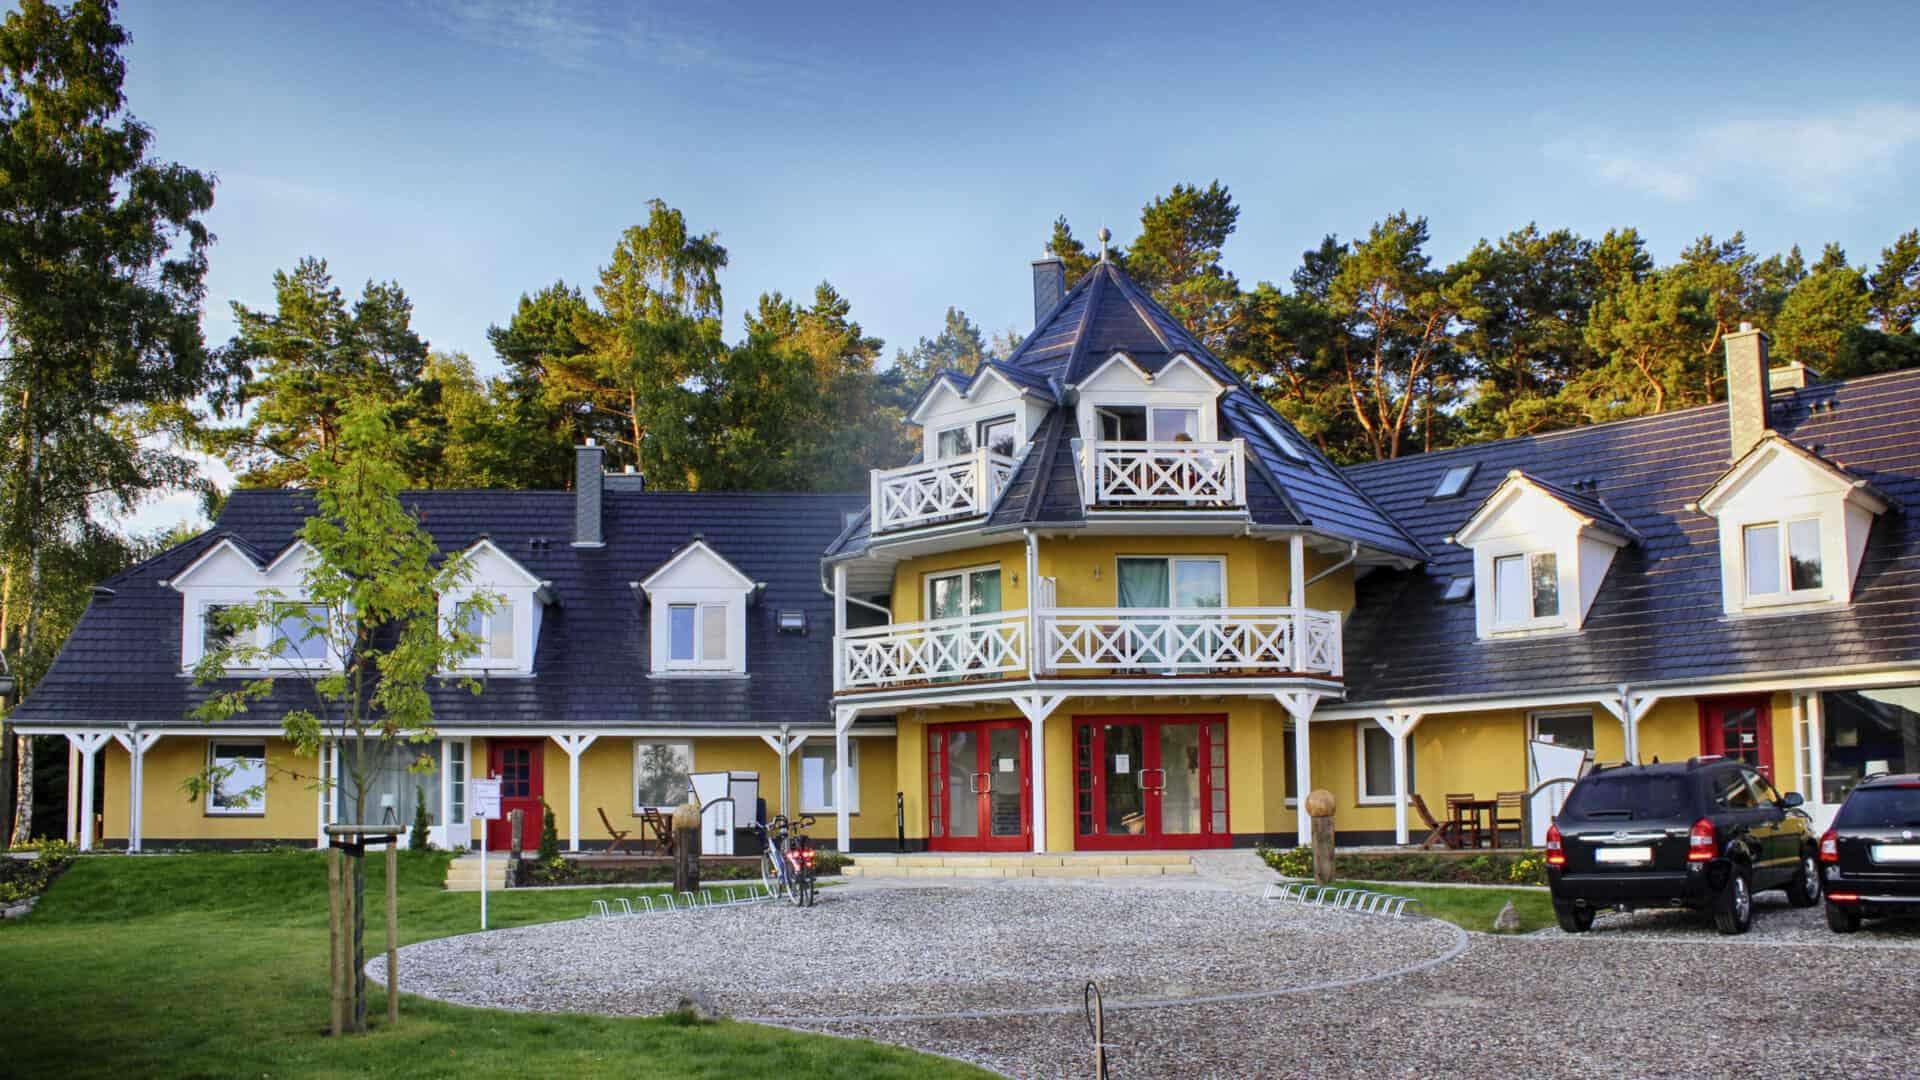 Blankenfohrt-Strandhaus